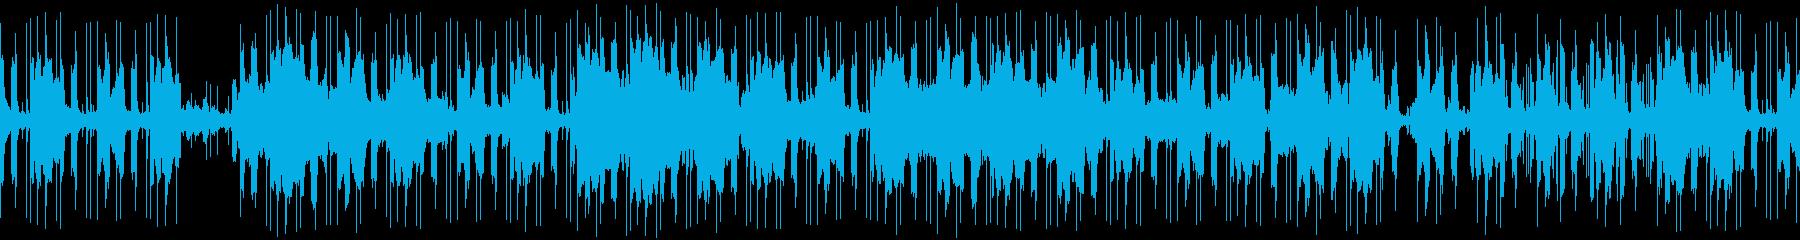 春の海 - 編曲 - ループの再生済みの波形